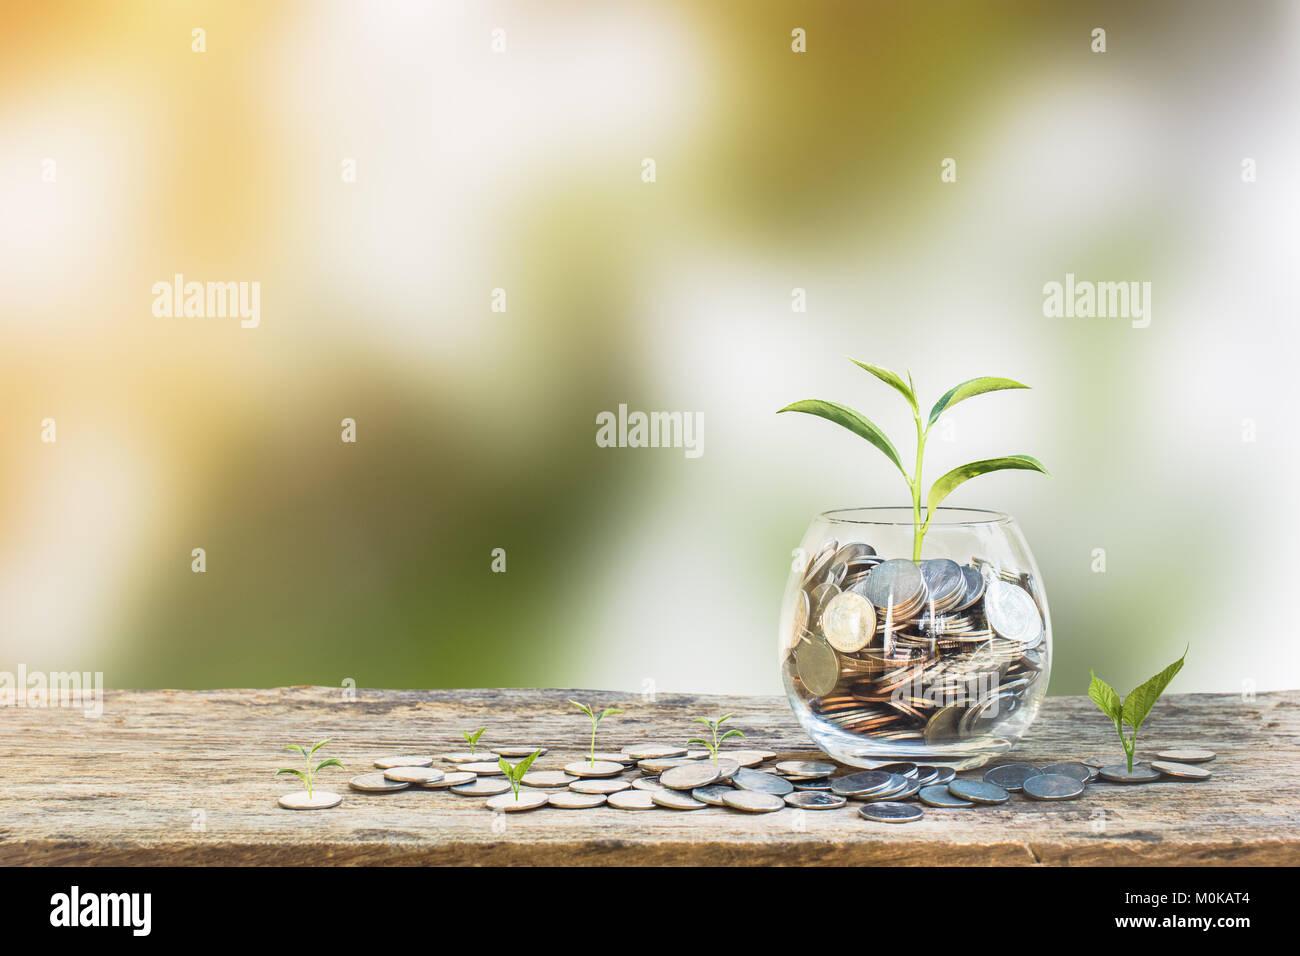 Concepto de inversión. Planta de crecimiento sobre monedas en botella de vidrio transparente sobre la mesa de madera Foto de stock